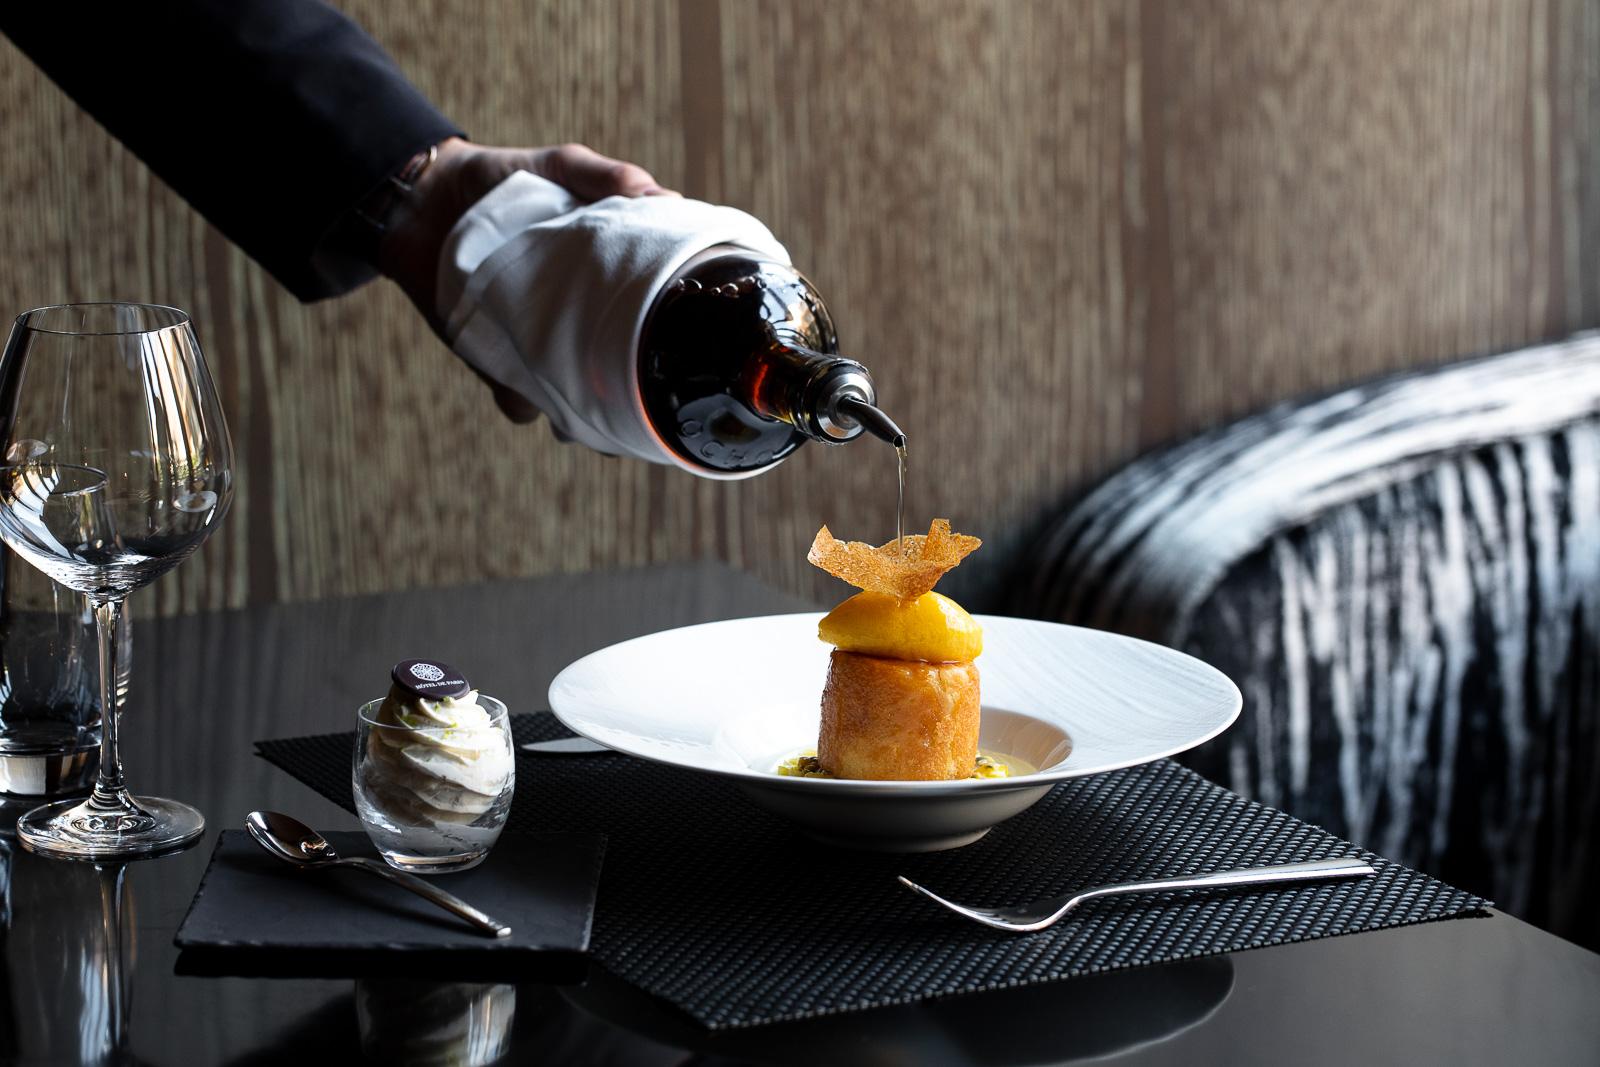 Franck_Hamel_Hotel_de_Paris_valerie_paumelle_agent-photographe_culinaire-foodphotographer (10).jpg